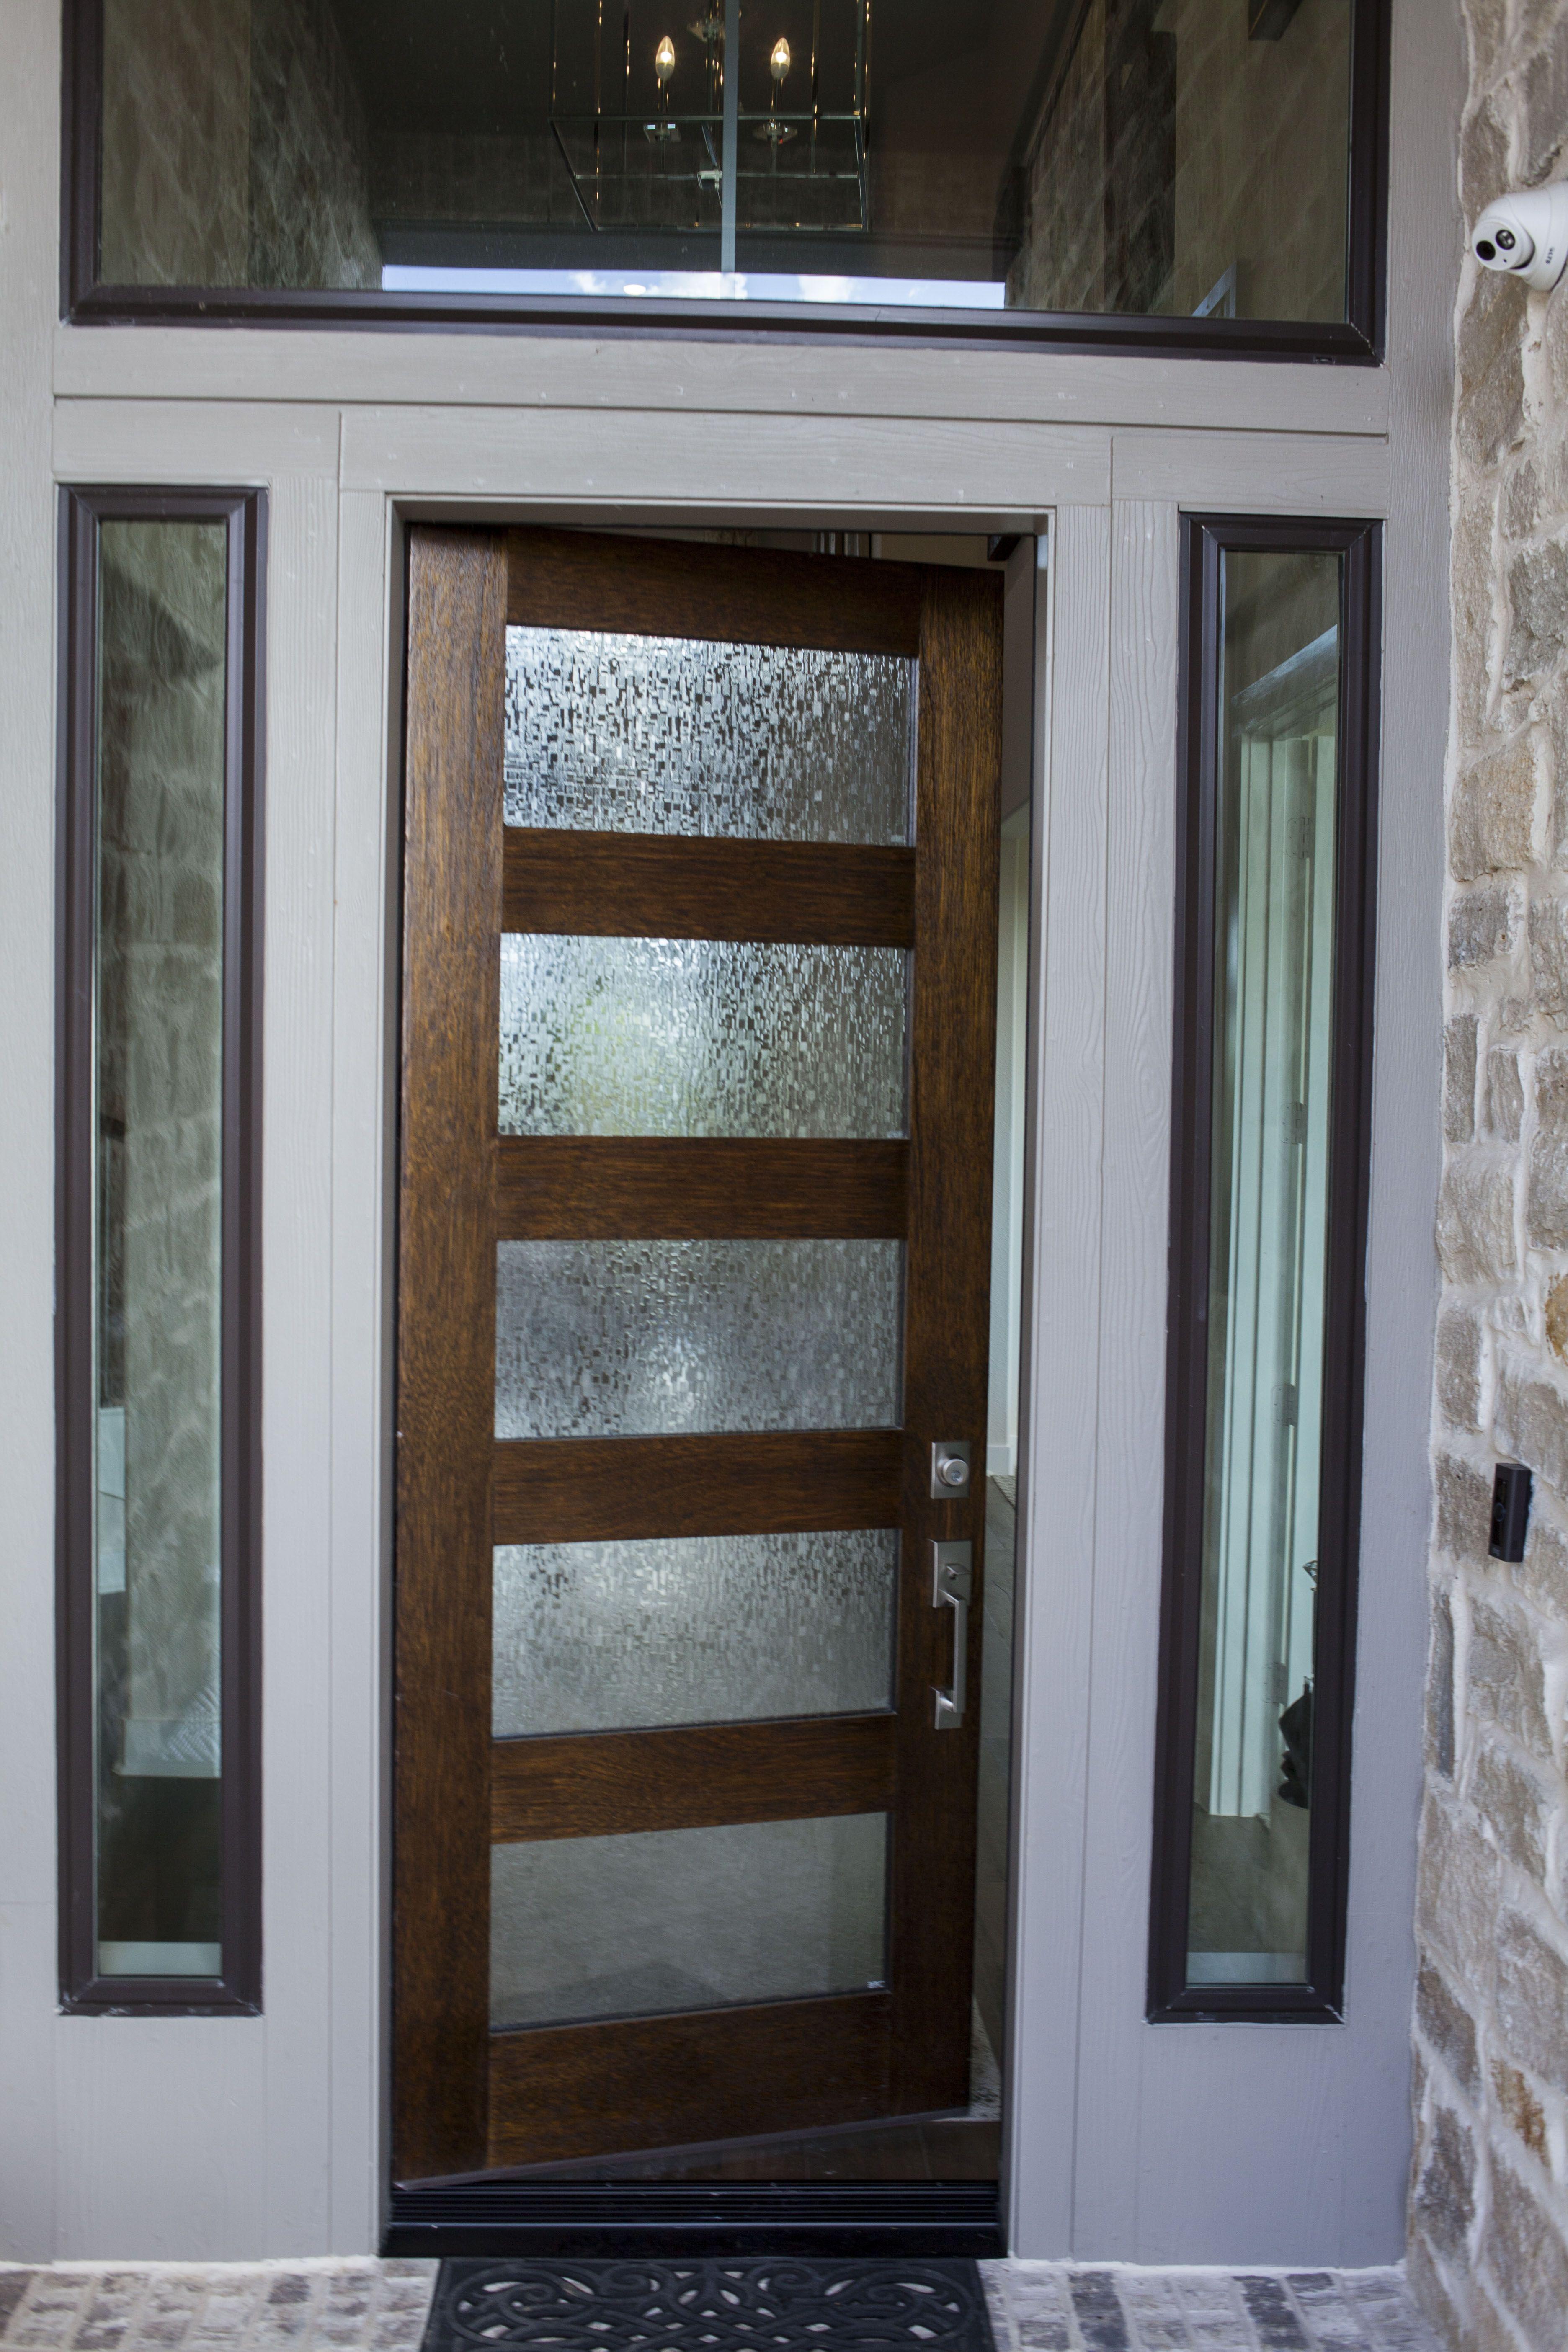 5 Lite Shaker Style Exterior Woodgrain Door With Images Shaker